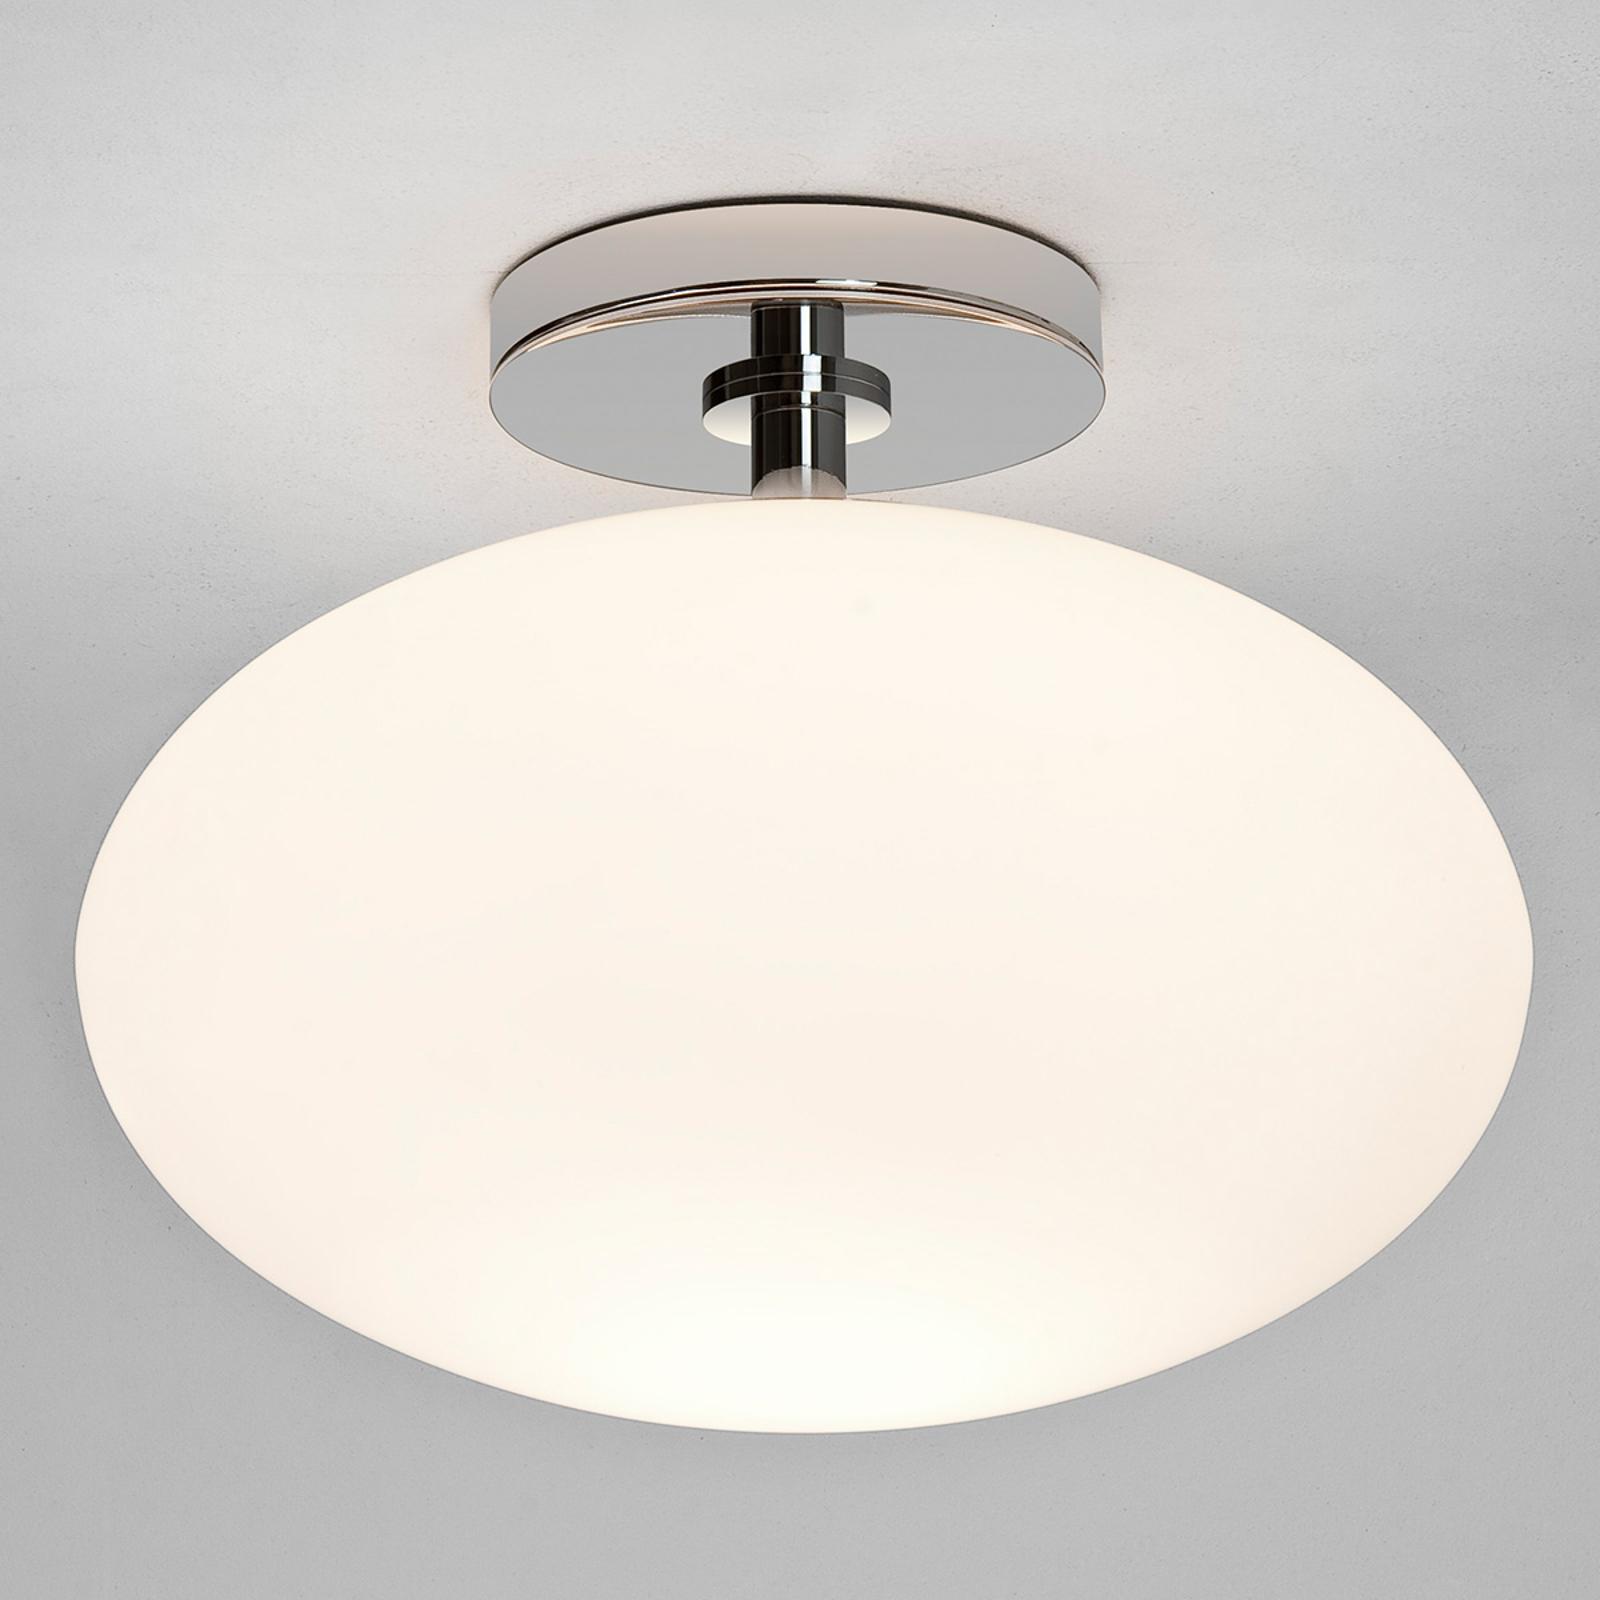 Owalna lampa sufitowa łazienkowa Zeppo